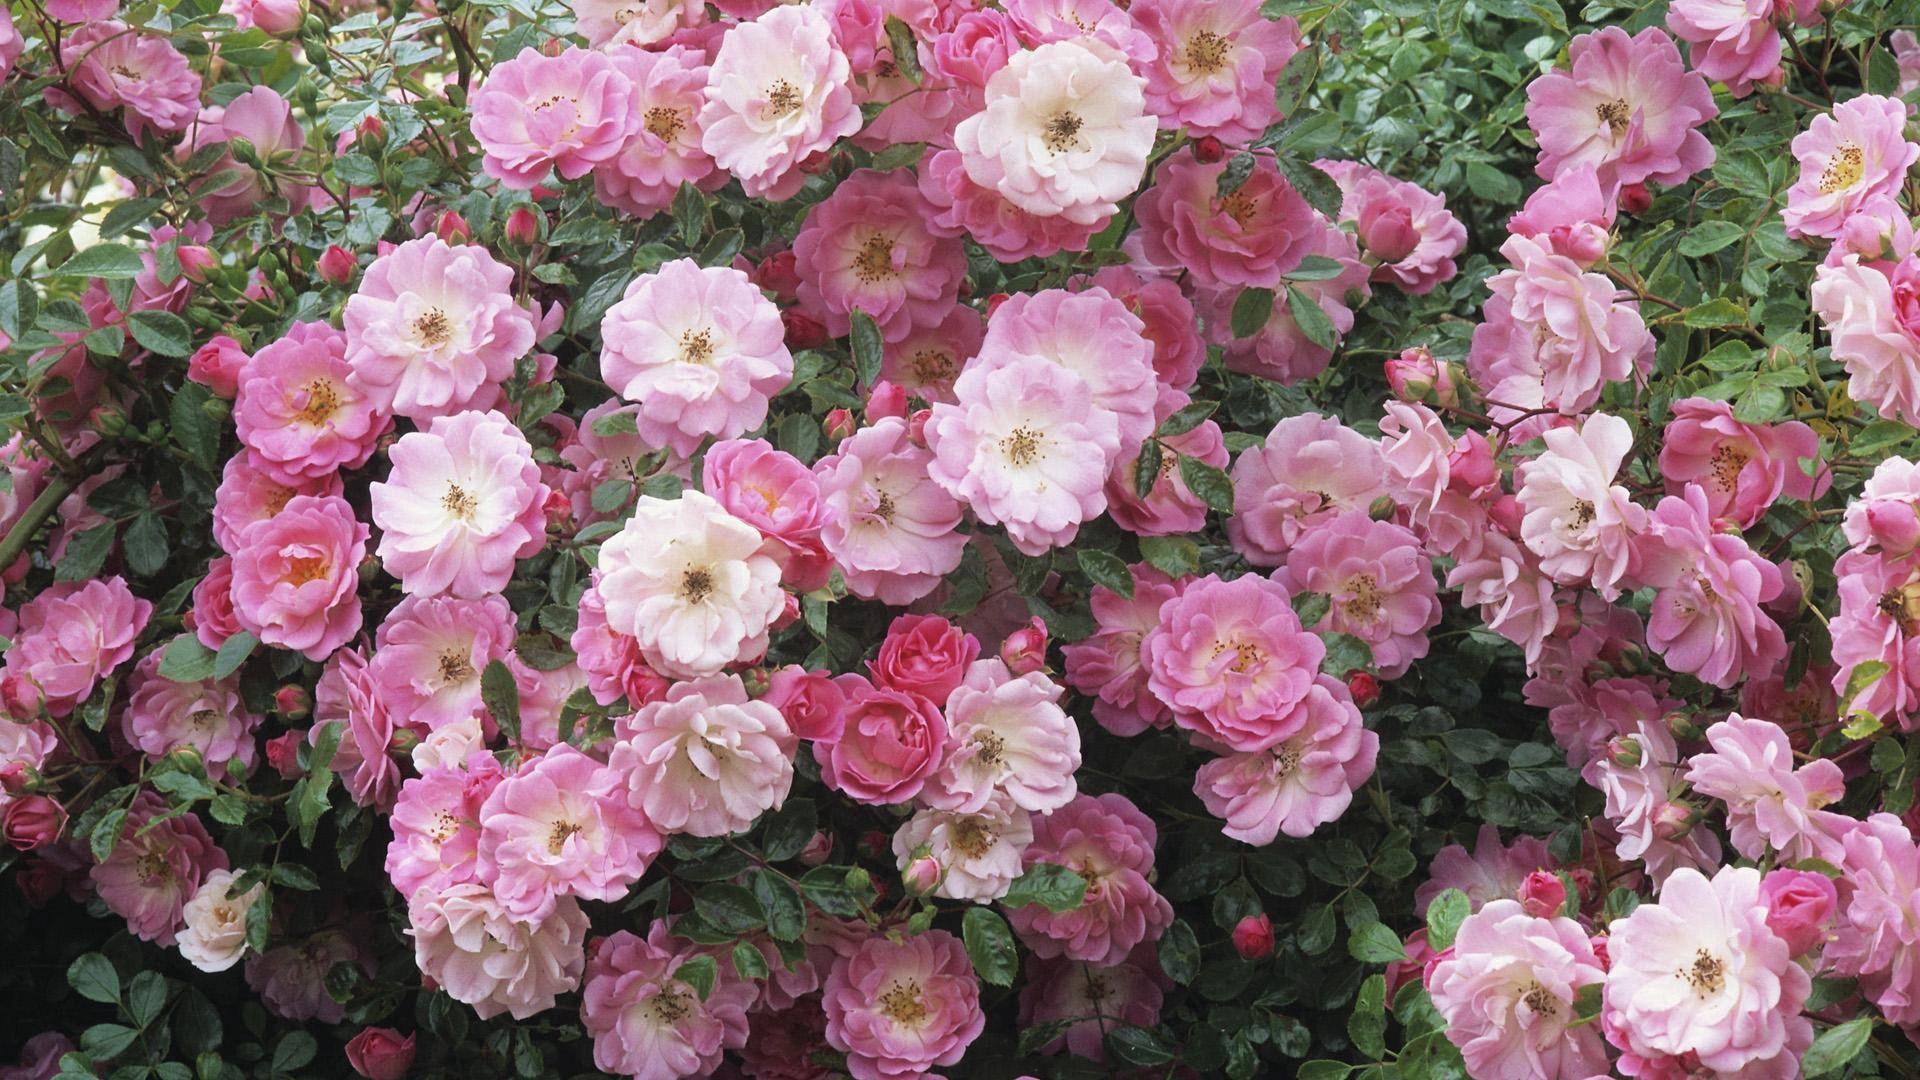 114896 скачать обои Цветы, Розовый, Дикая Роза, Листья, Шиповник - заставки и картинки бесплатно